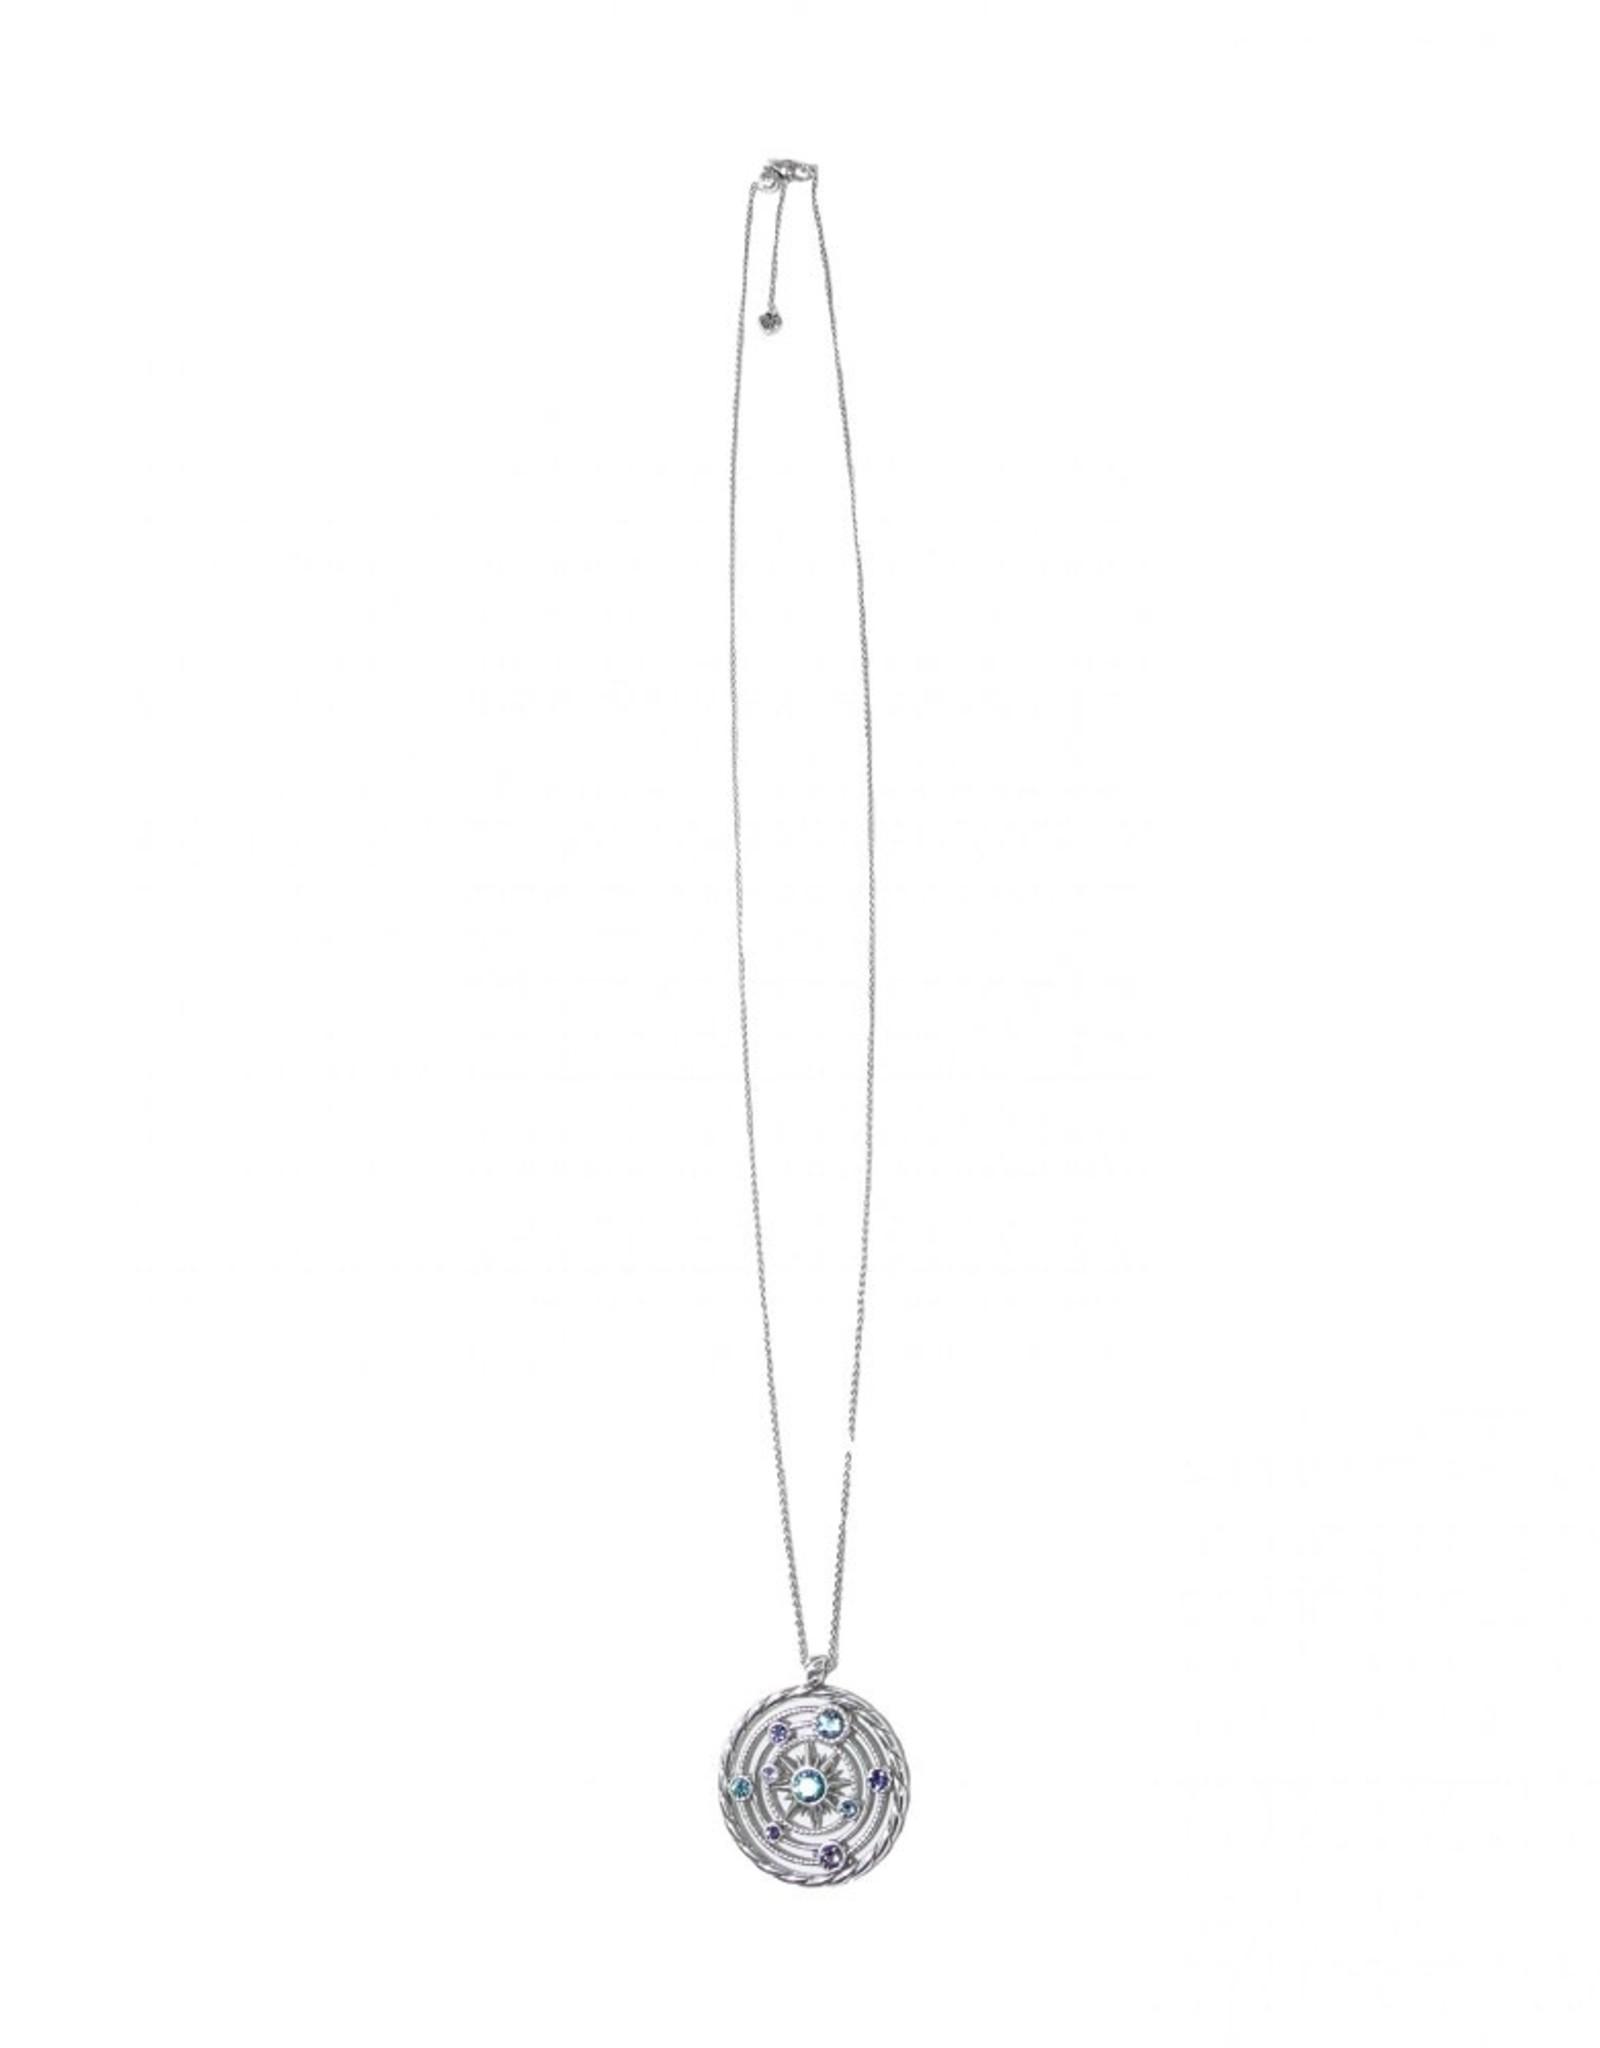 Brighton Brighton, Halo Orbit Long Necklace